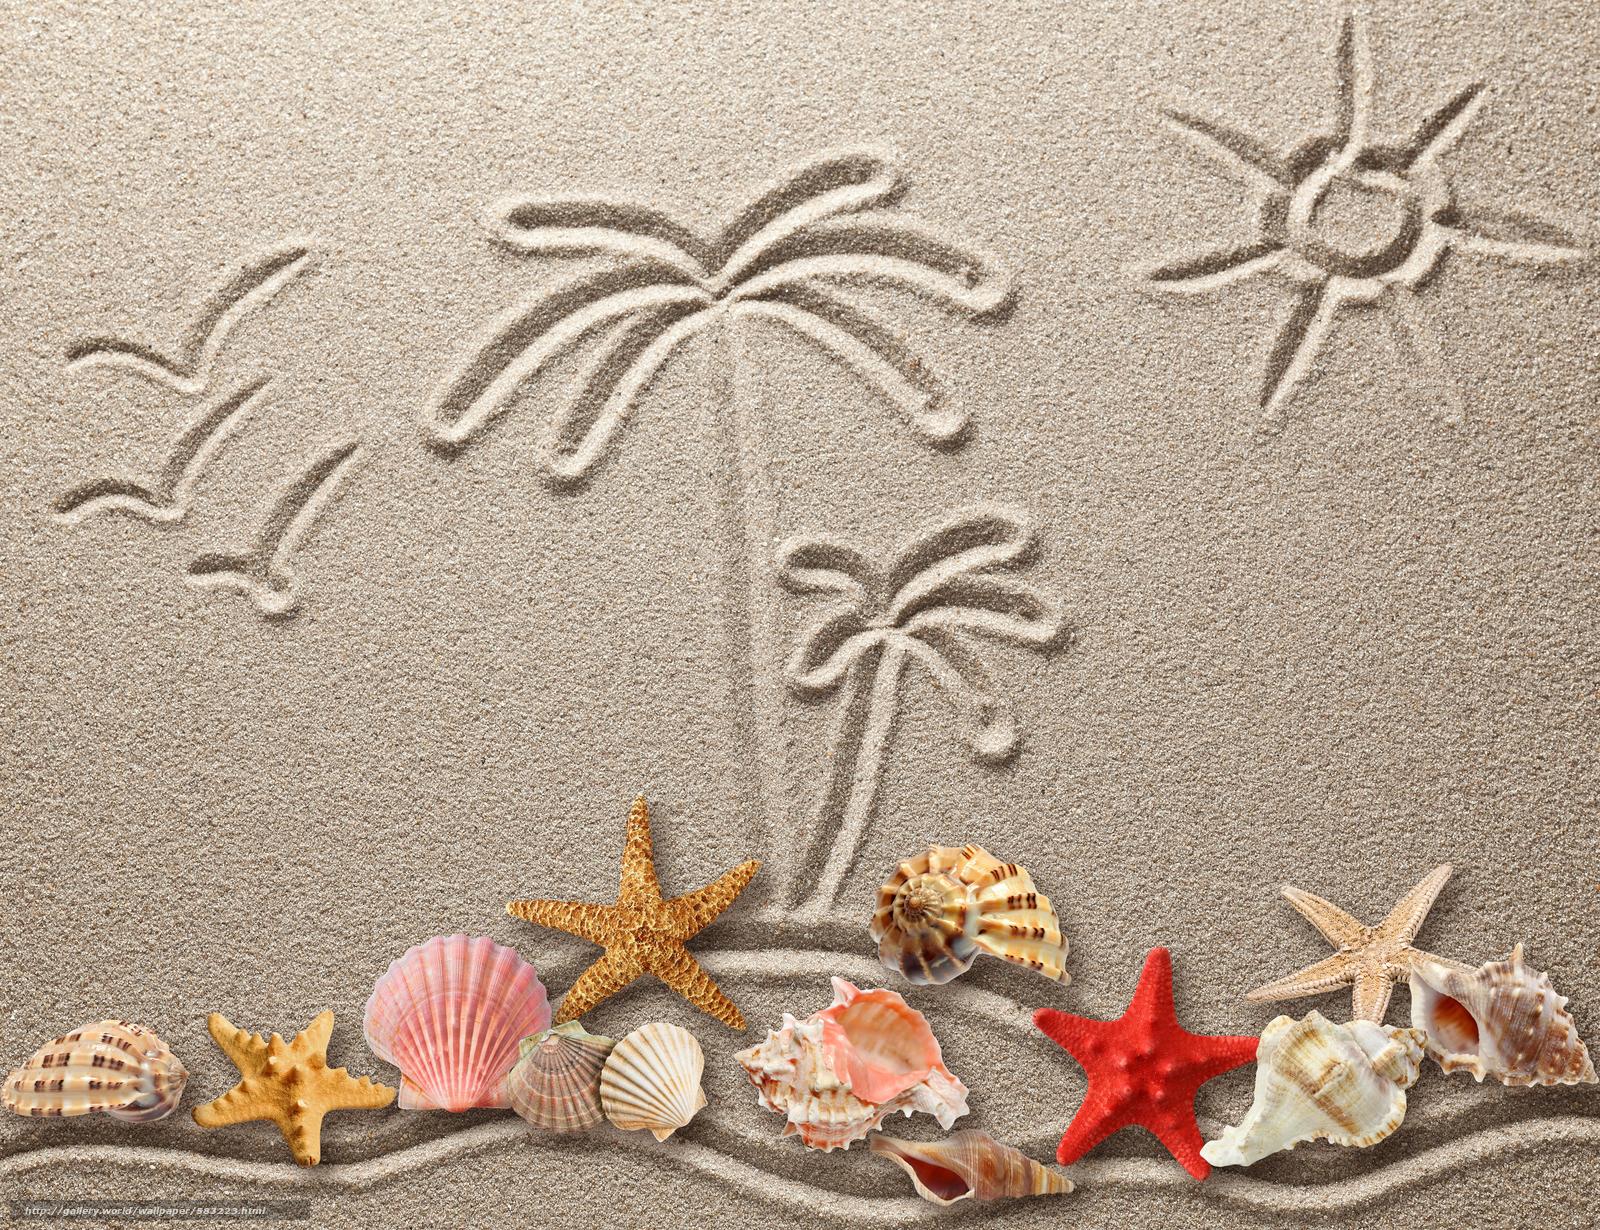 壁紙をダウンロード 貝殻 砂 描画 デスクトップの解像度のための無料壁紙 5000x3844 絵 5223